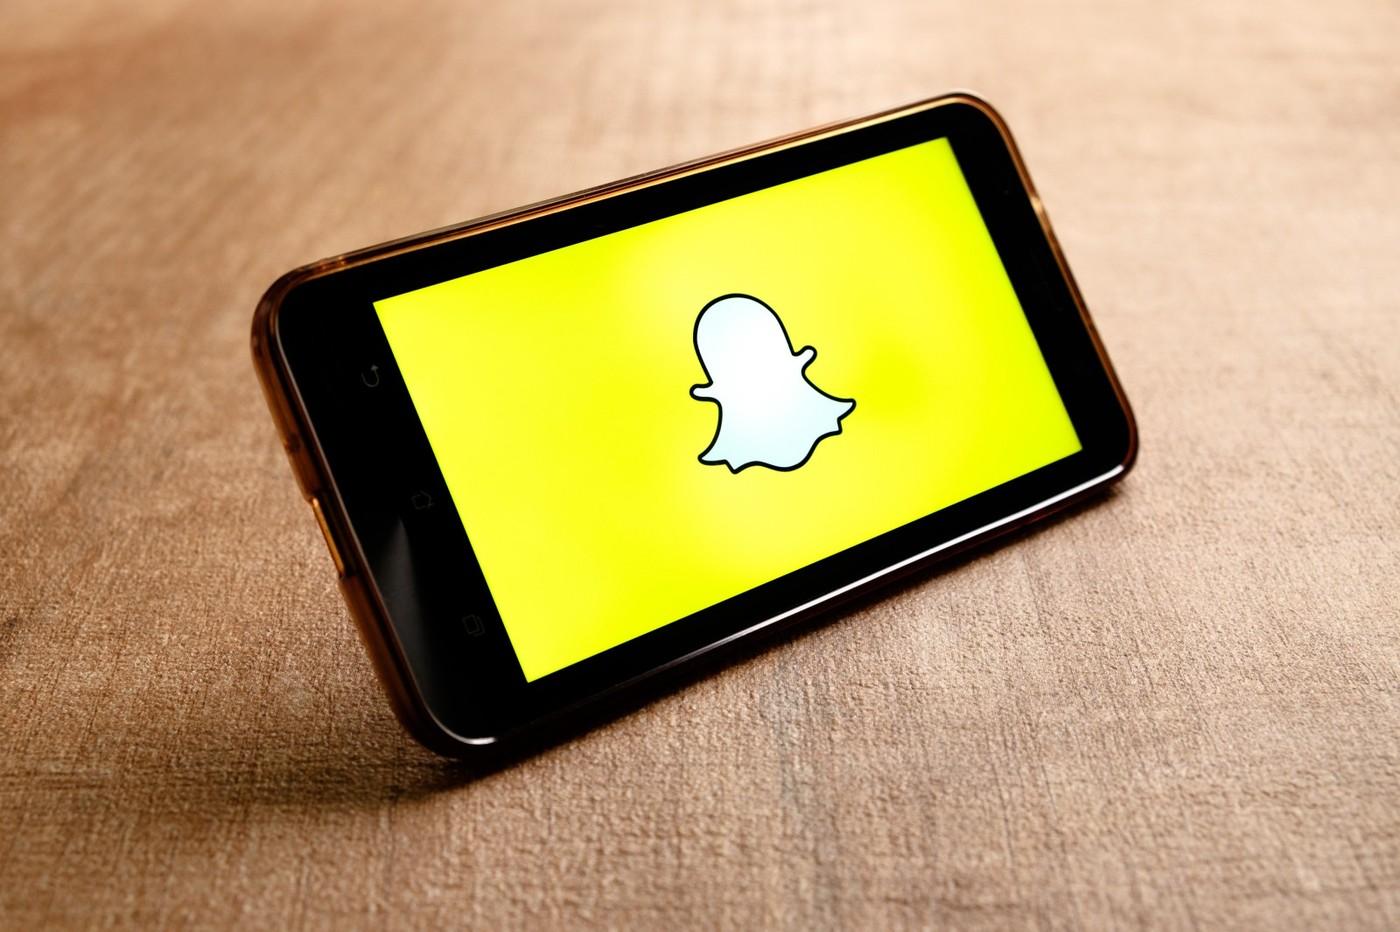 傳錯照片的失誤成就Snapchat,擄獲5千萬Z世代的心!為何霸氣拒絕祖克柏天價收購?